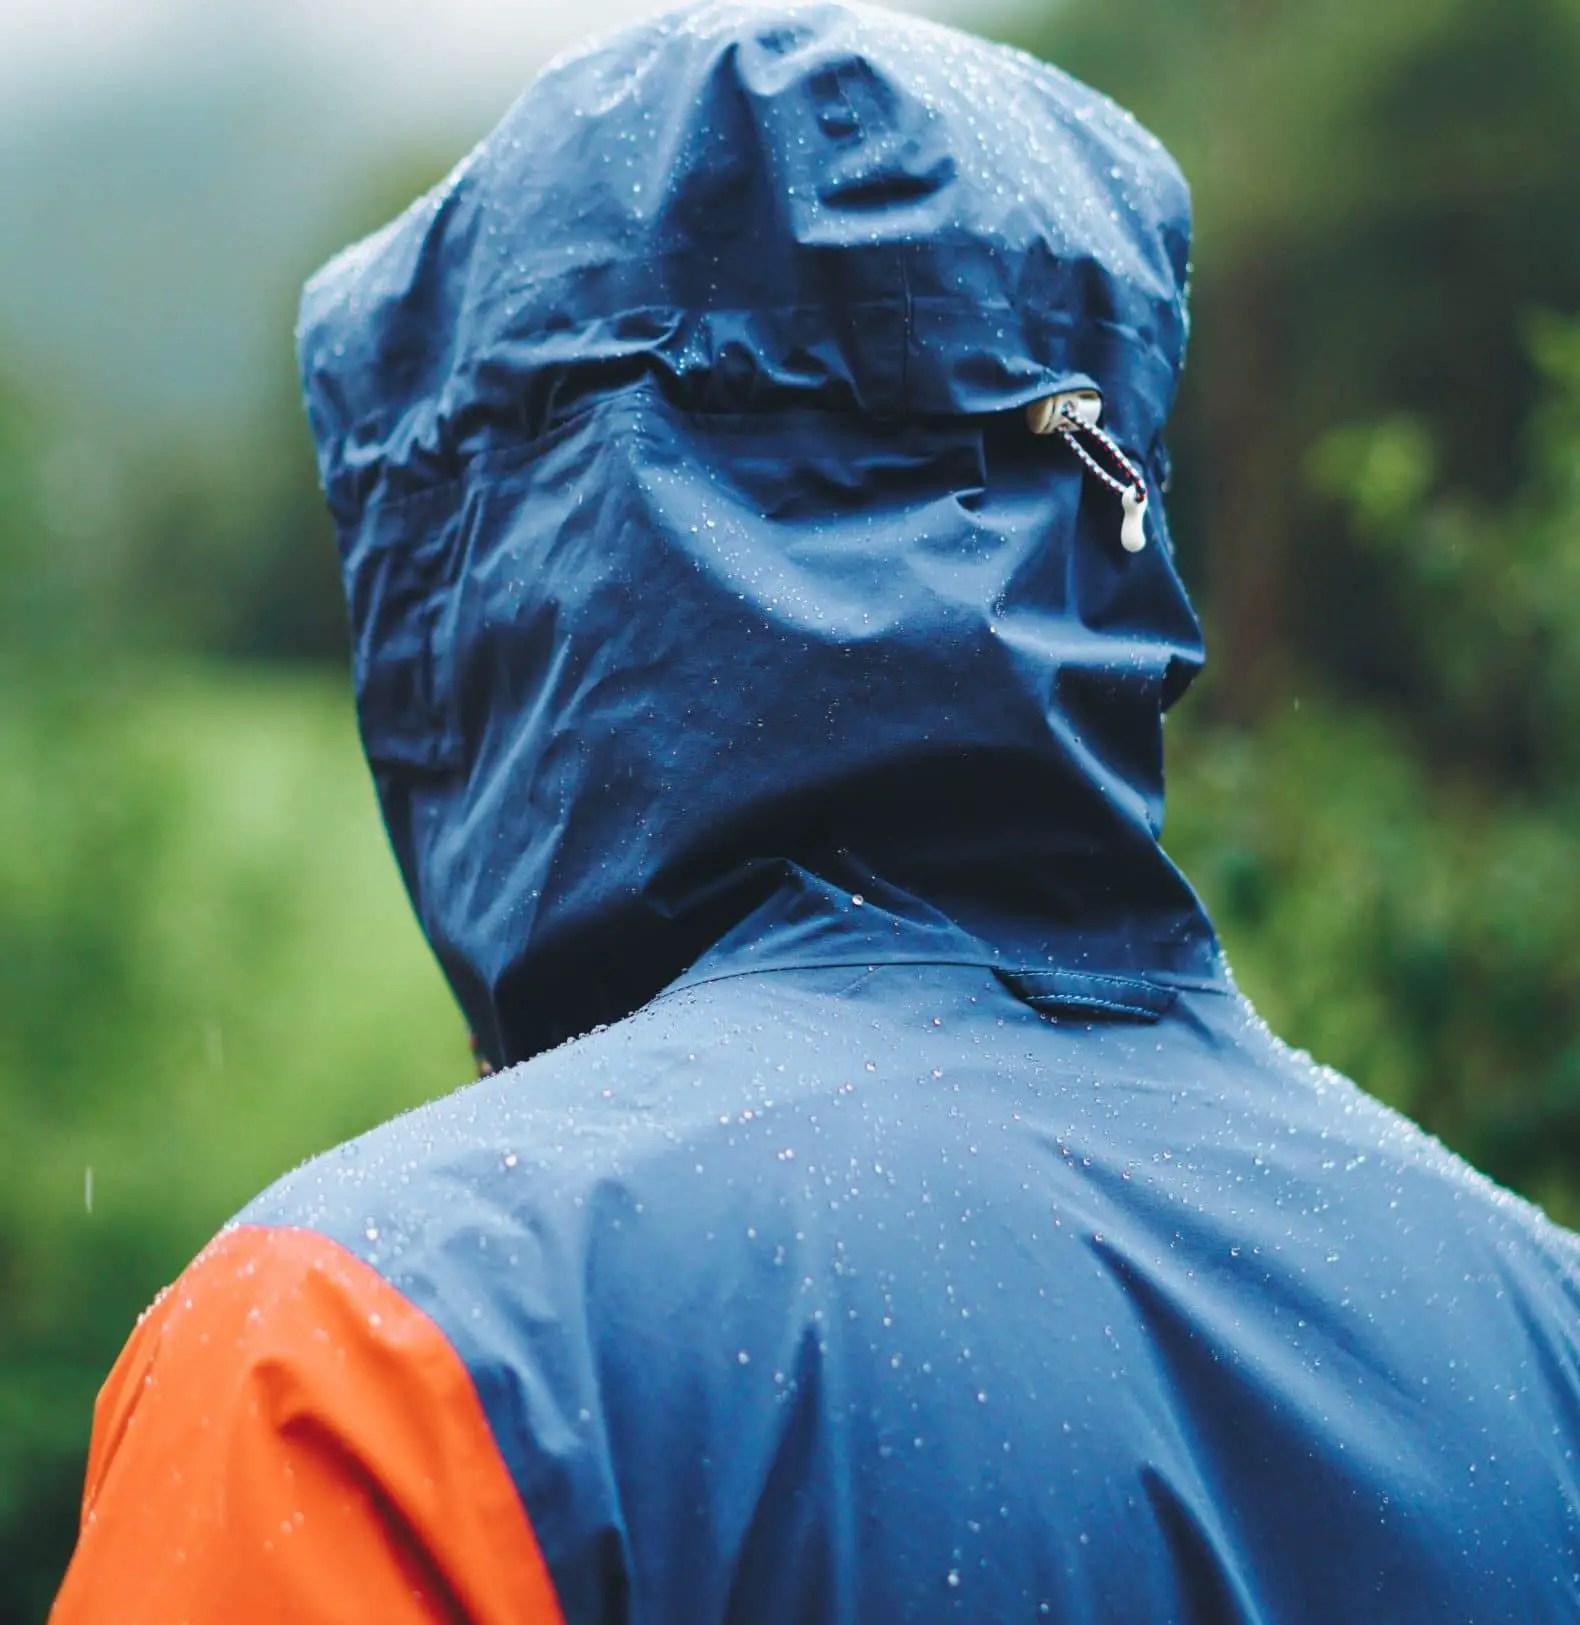 how does rain gear work